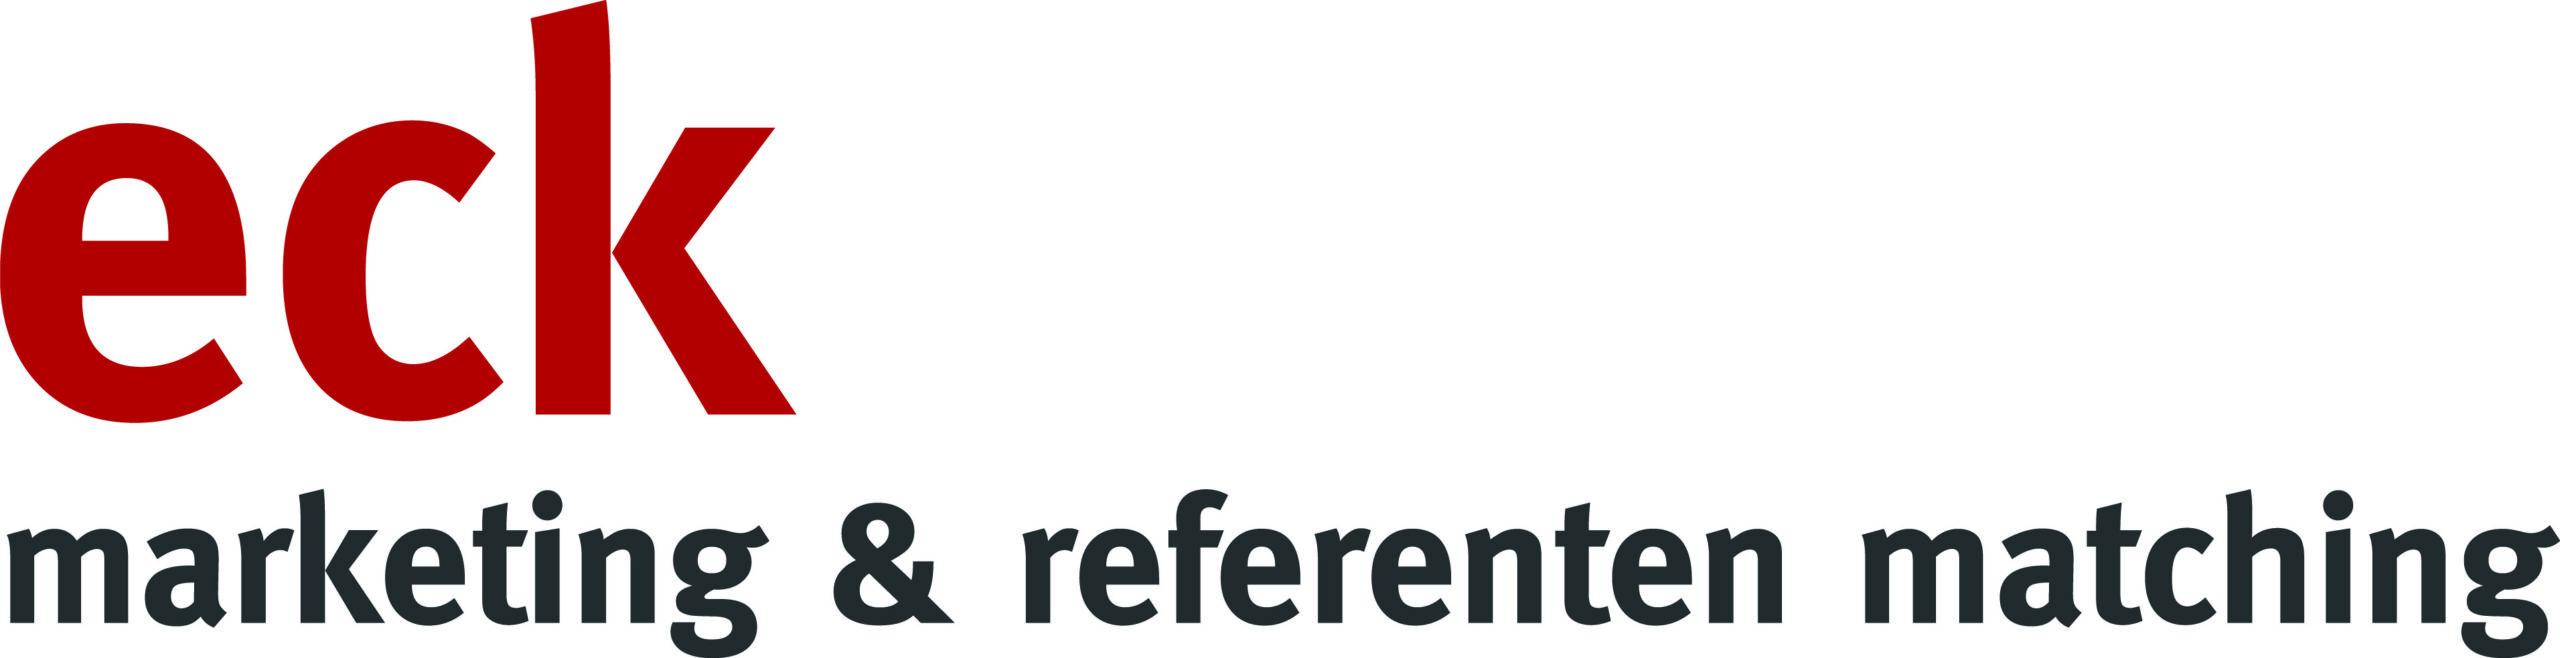 Eck Marketing & Referenten Matching